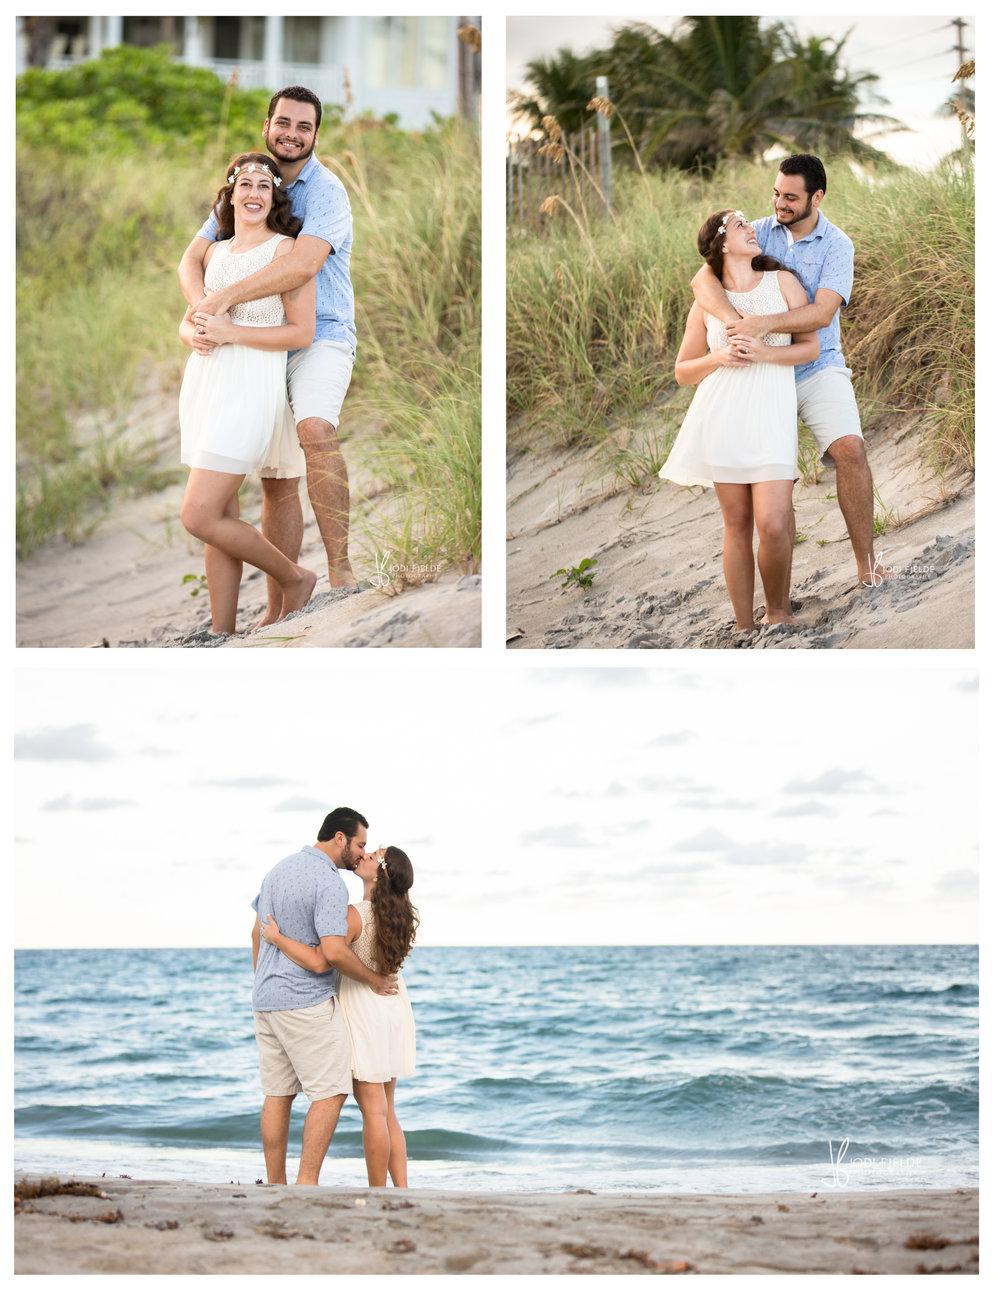 Morikami_Museum_Gardens_Delray_Beach_Engagement_Heather_and Doug_12.jpg